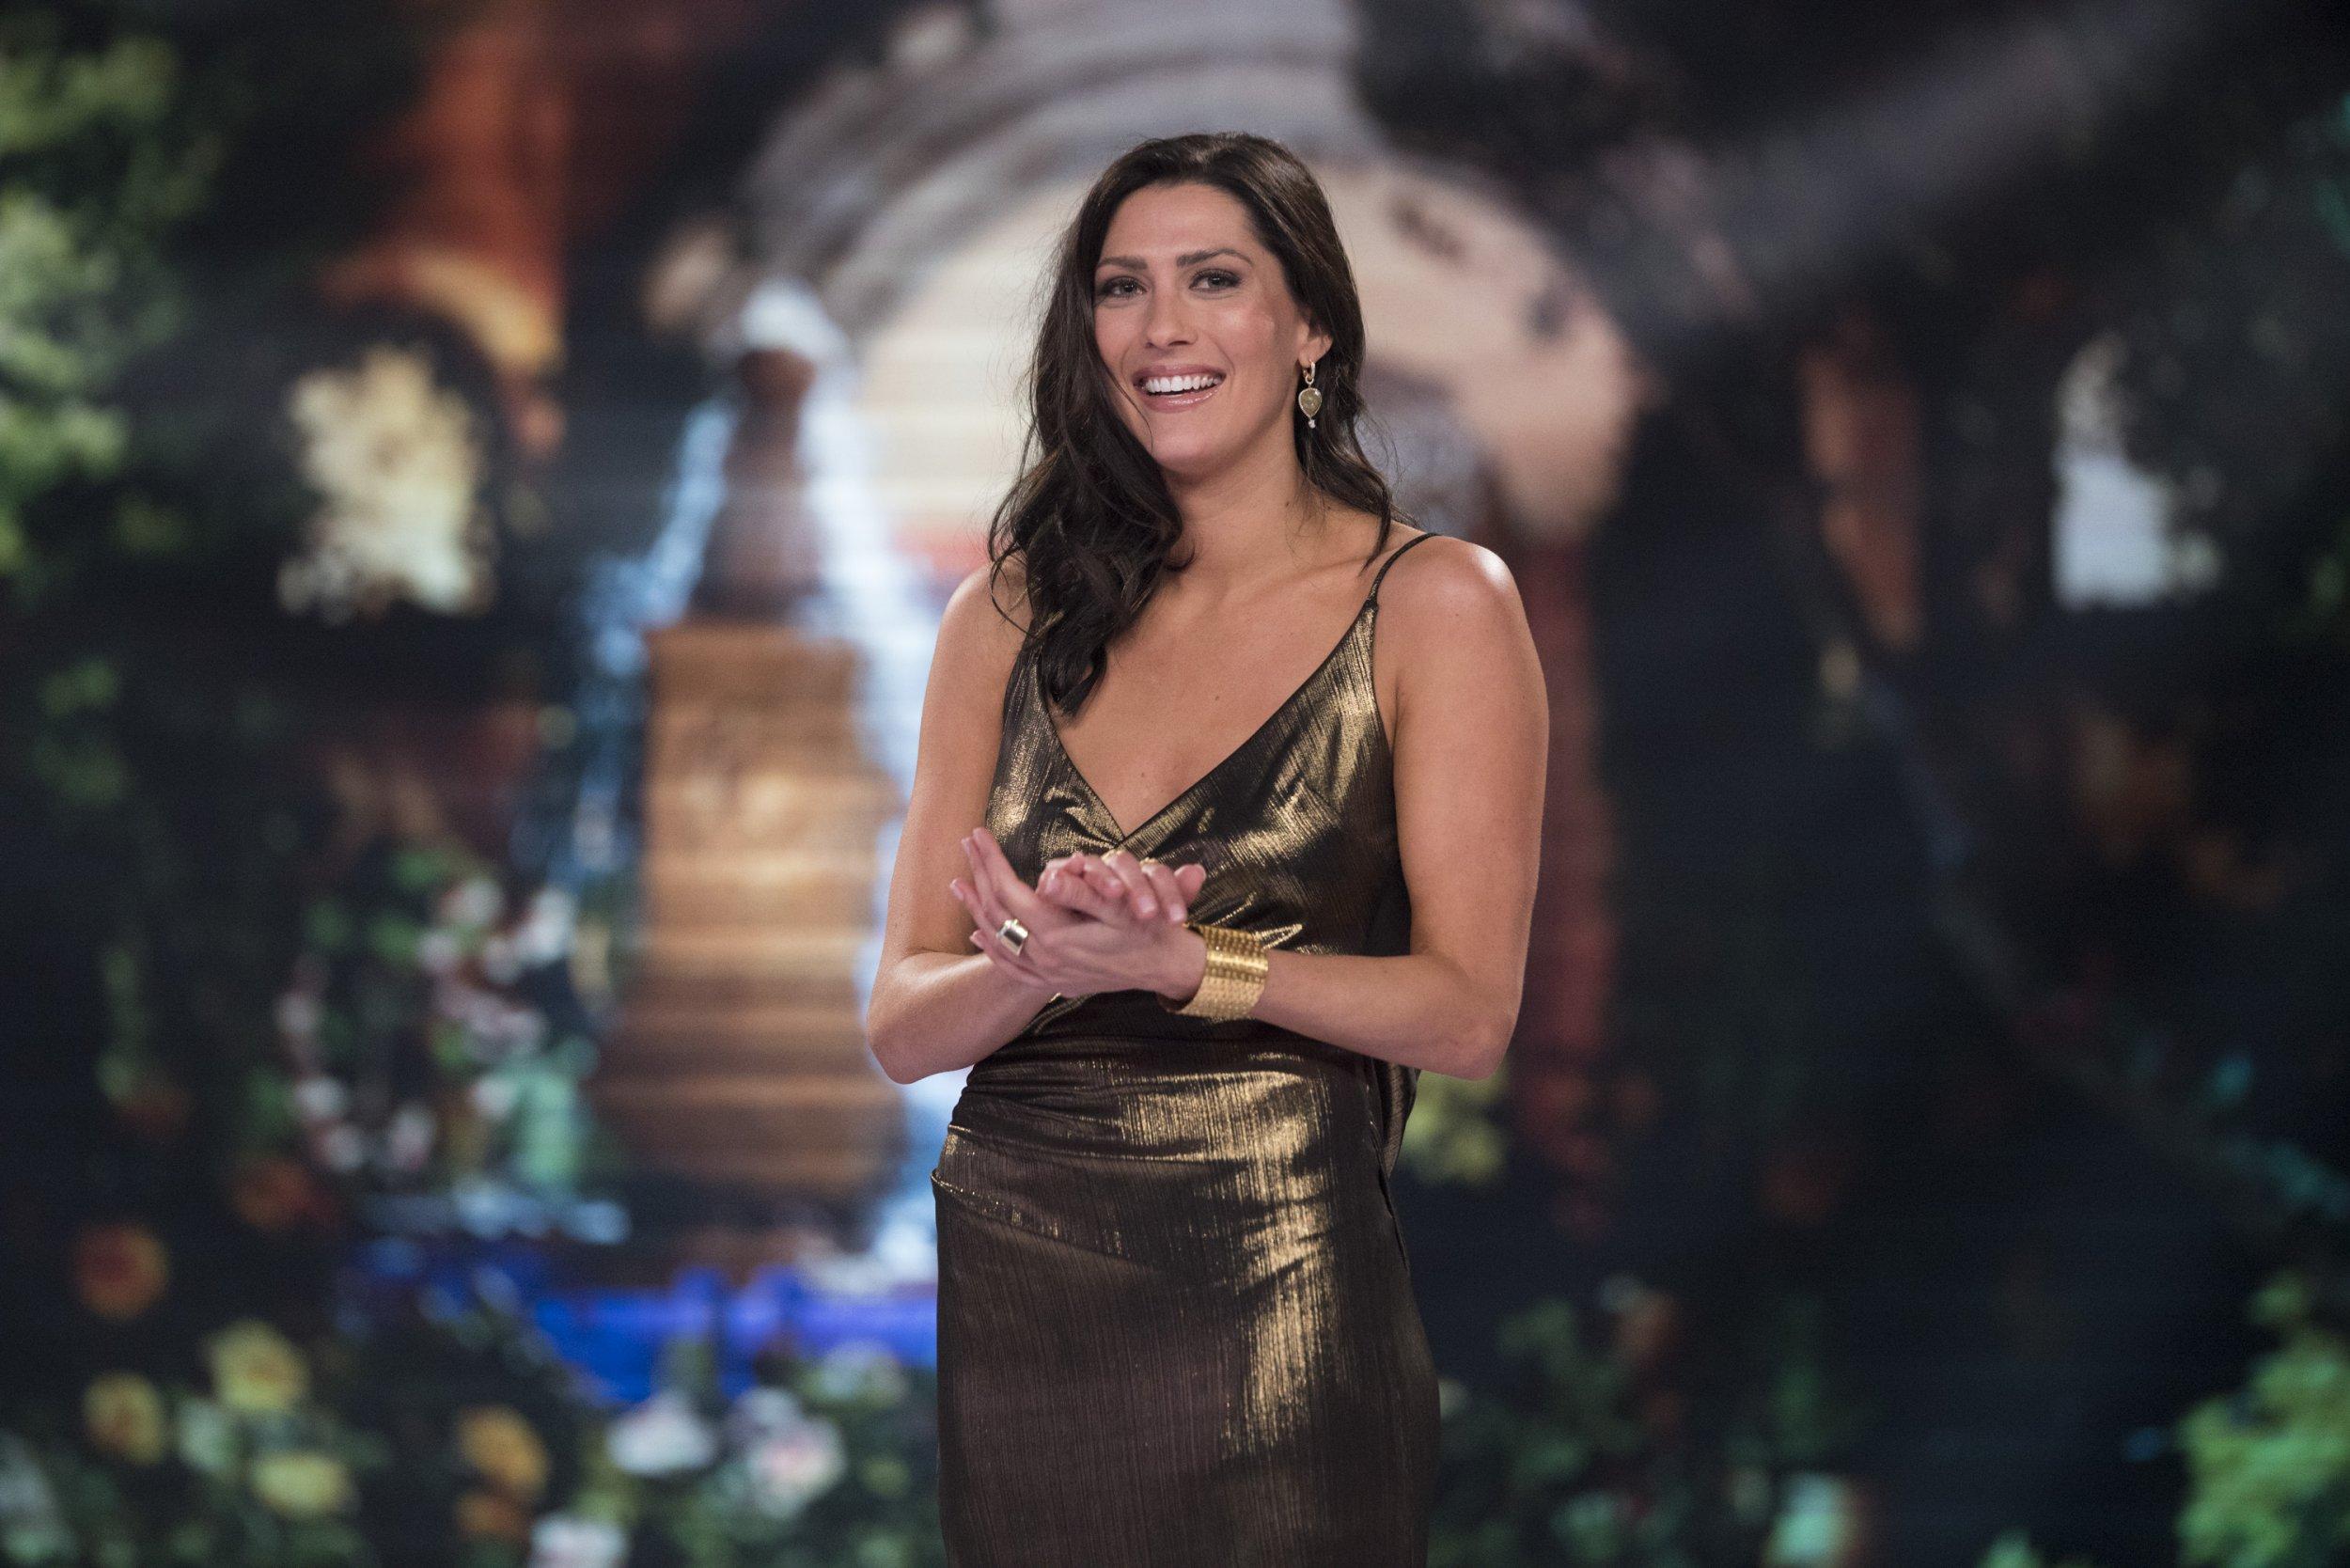 Becca Kufrin named new 'Bachelorette'